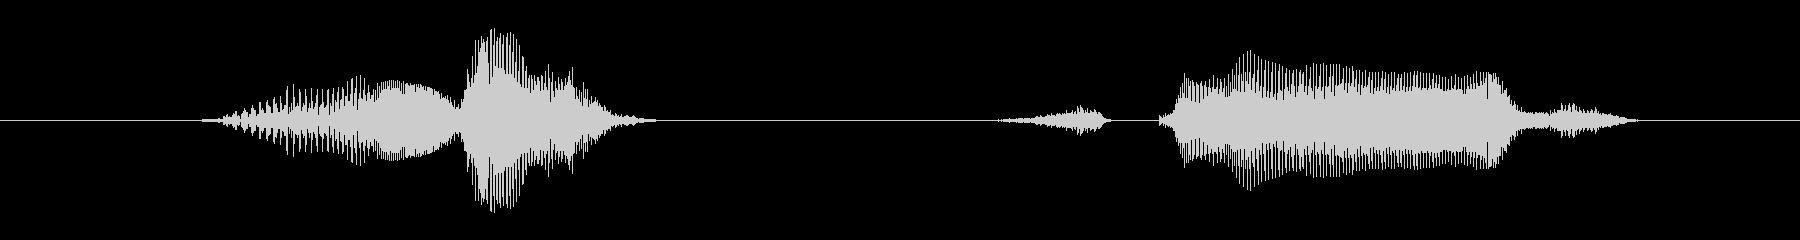 クイズ・ゲーム向け「問題ステージ!↑↑」の未再生の波形